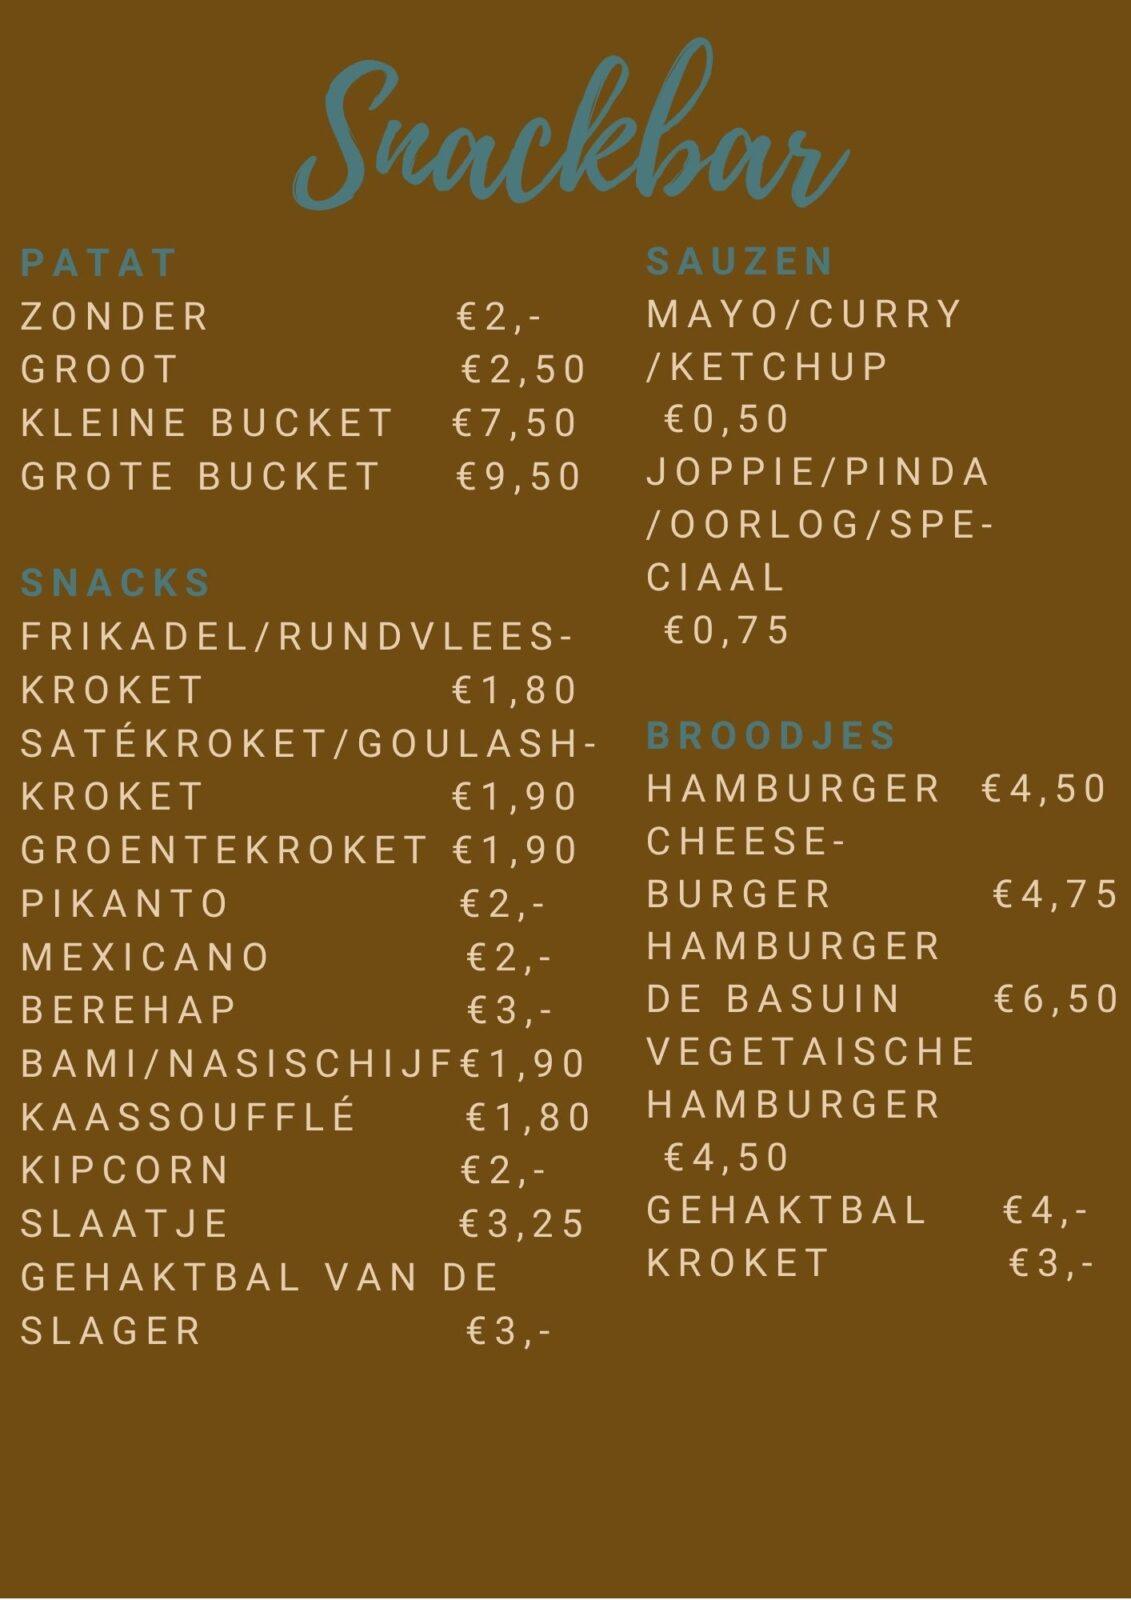 Cafetaria kaart de Basuin Leeuwarden